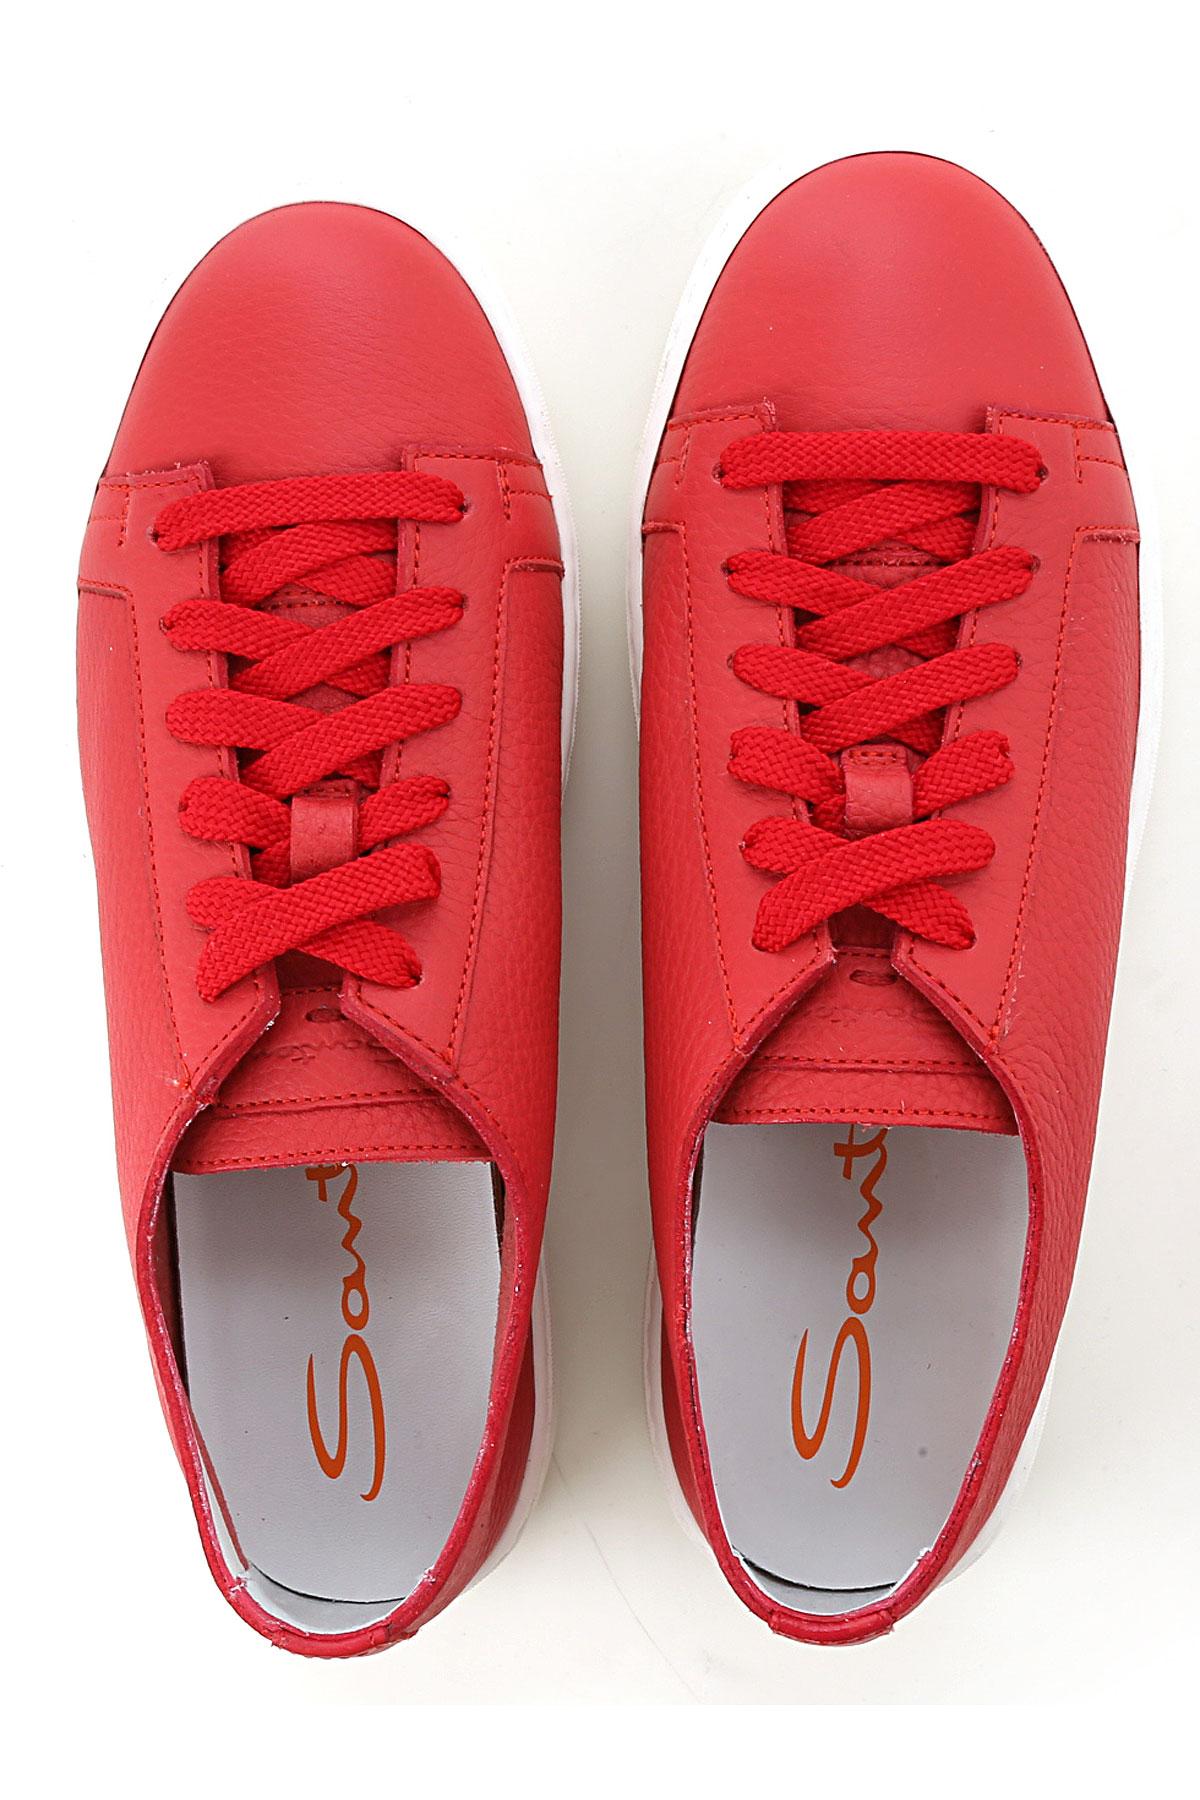 Zapatos Santoni 2019 nbsp; Mujer Para Primavera Rojo verano AWUfqUR1